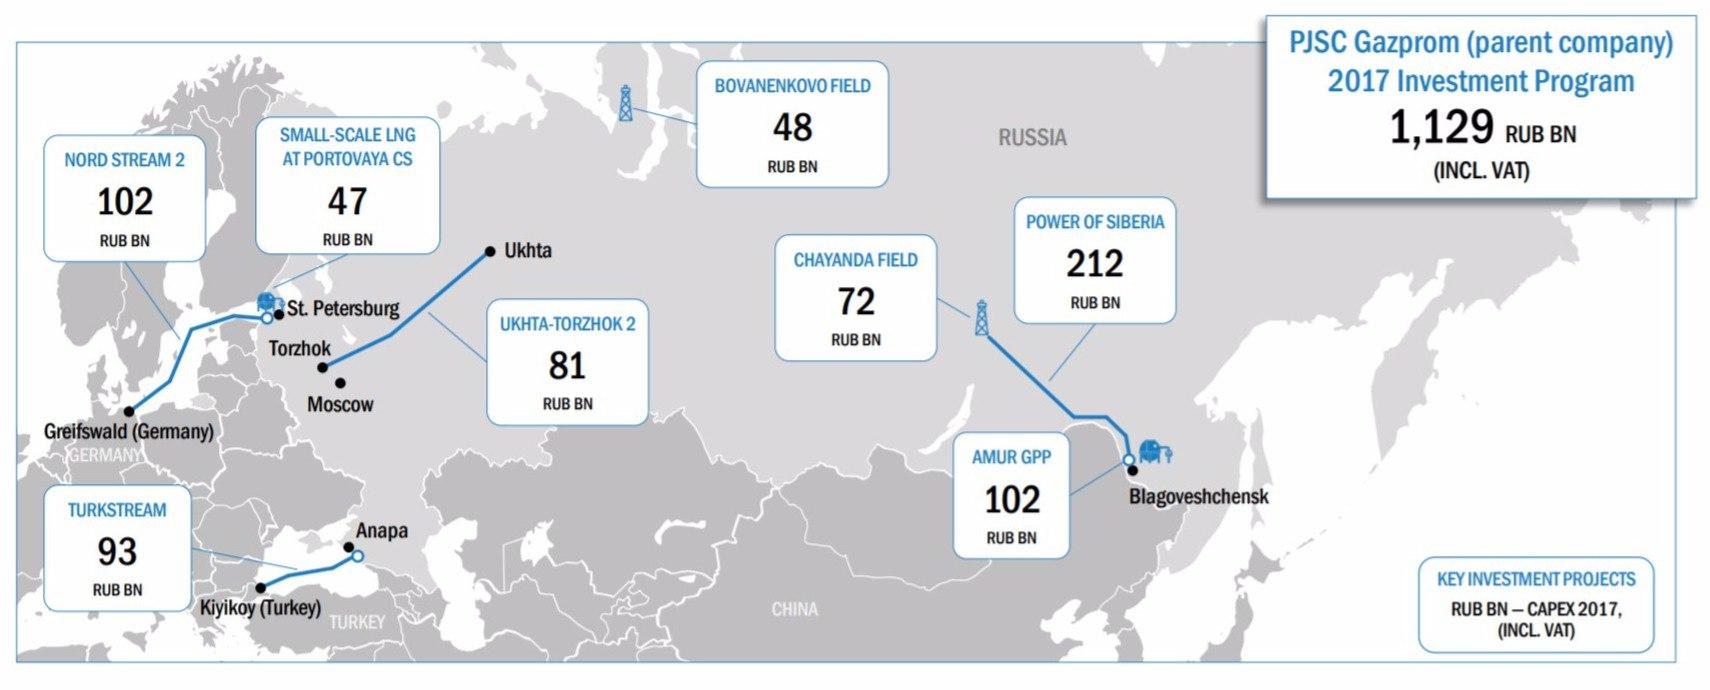 Gazprom Shares: Forecast for 2019 7